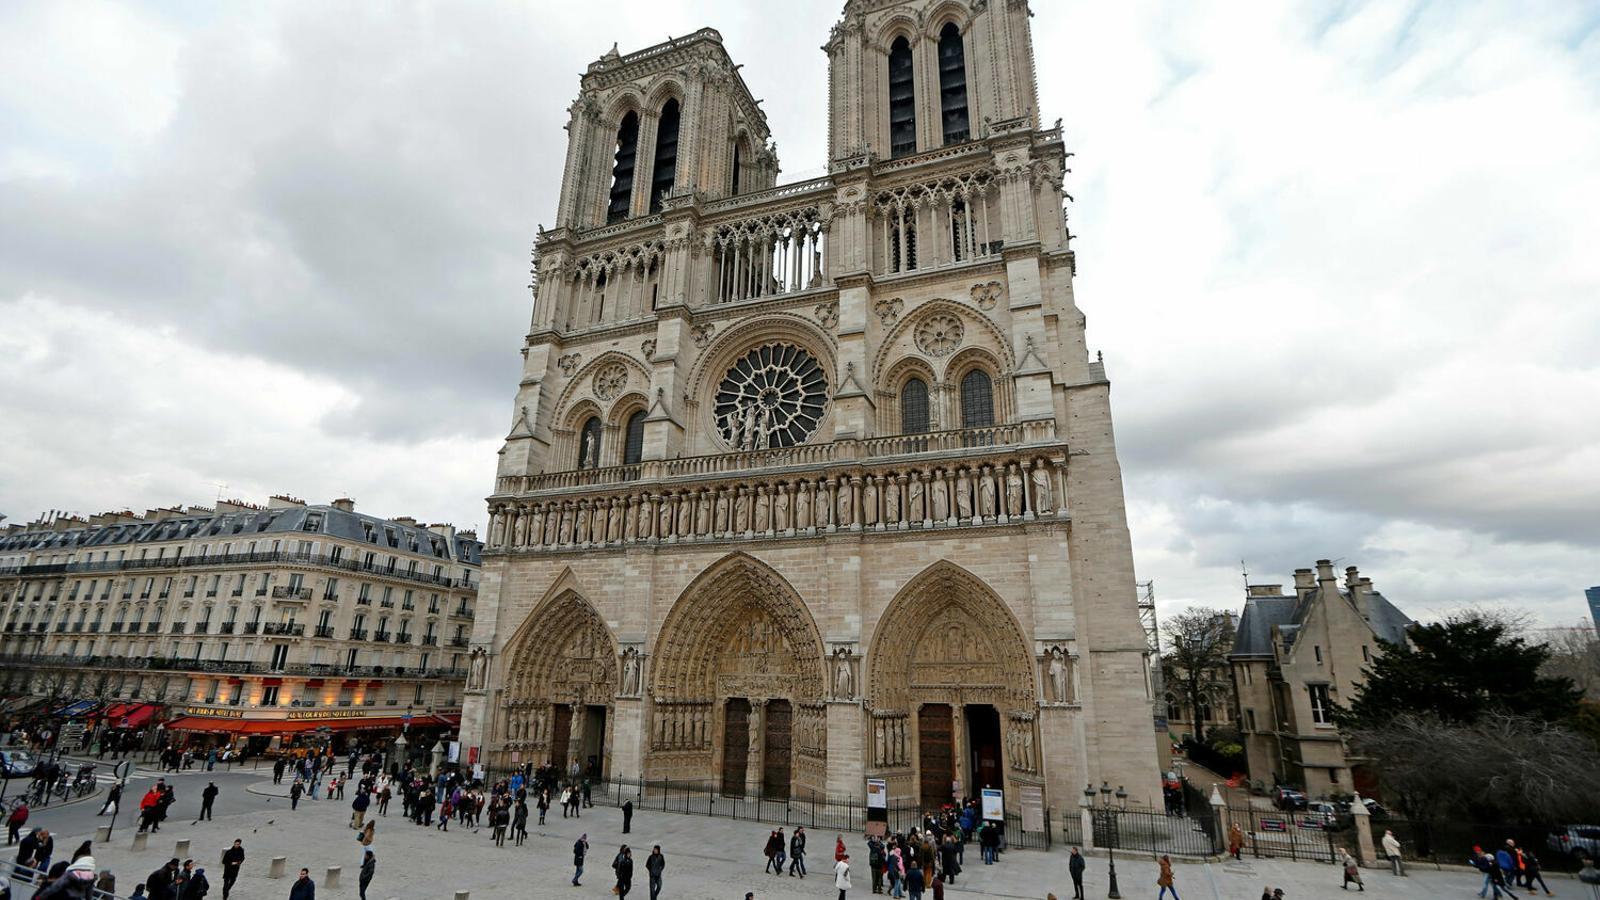 Les 10 coses que has de saber sobre la catedral de Notre-Dame